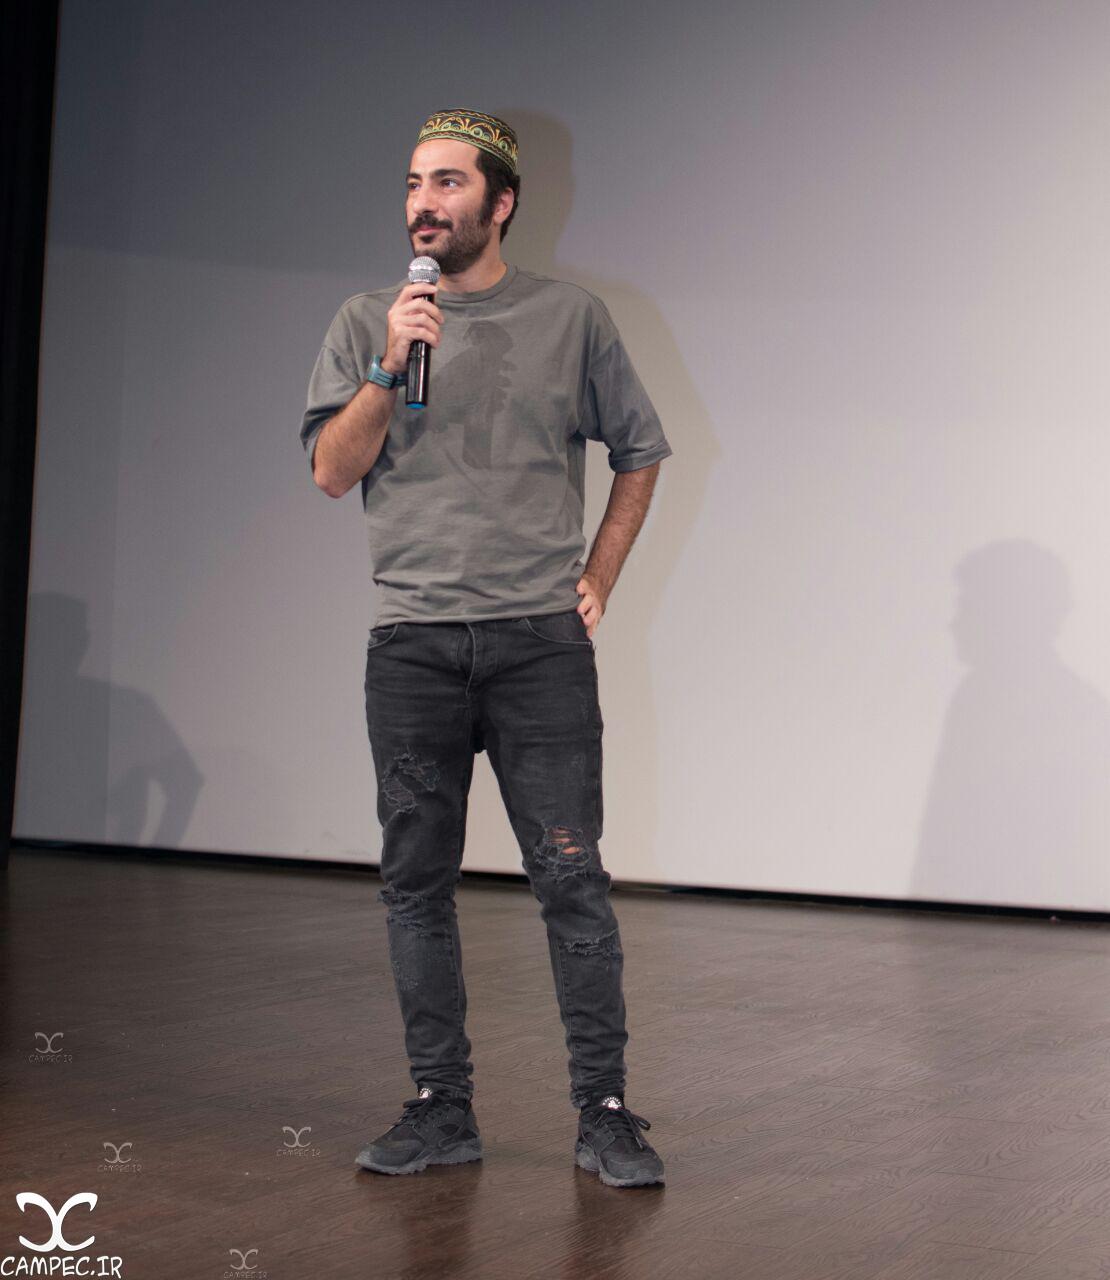 [blocked]نوید محمد زاده در اکران فیلم ابد و یک روز